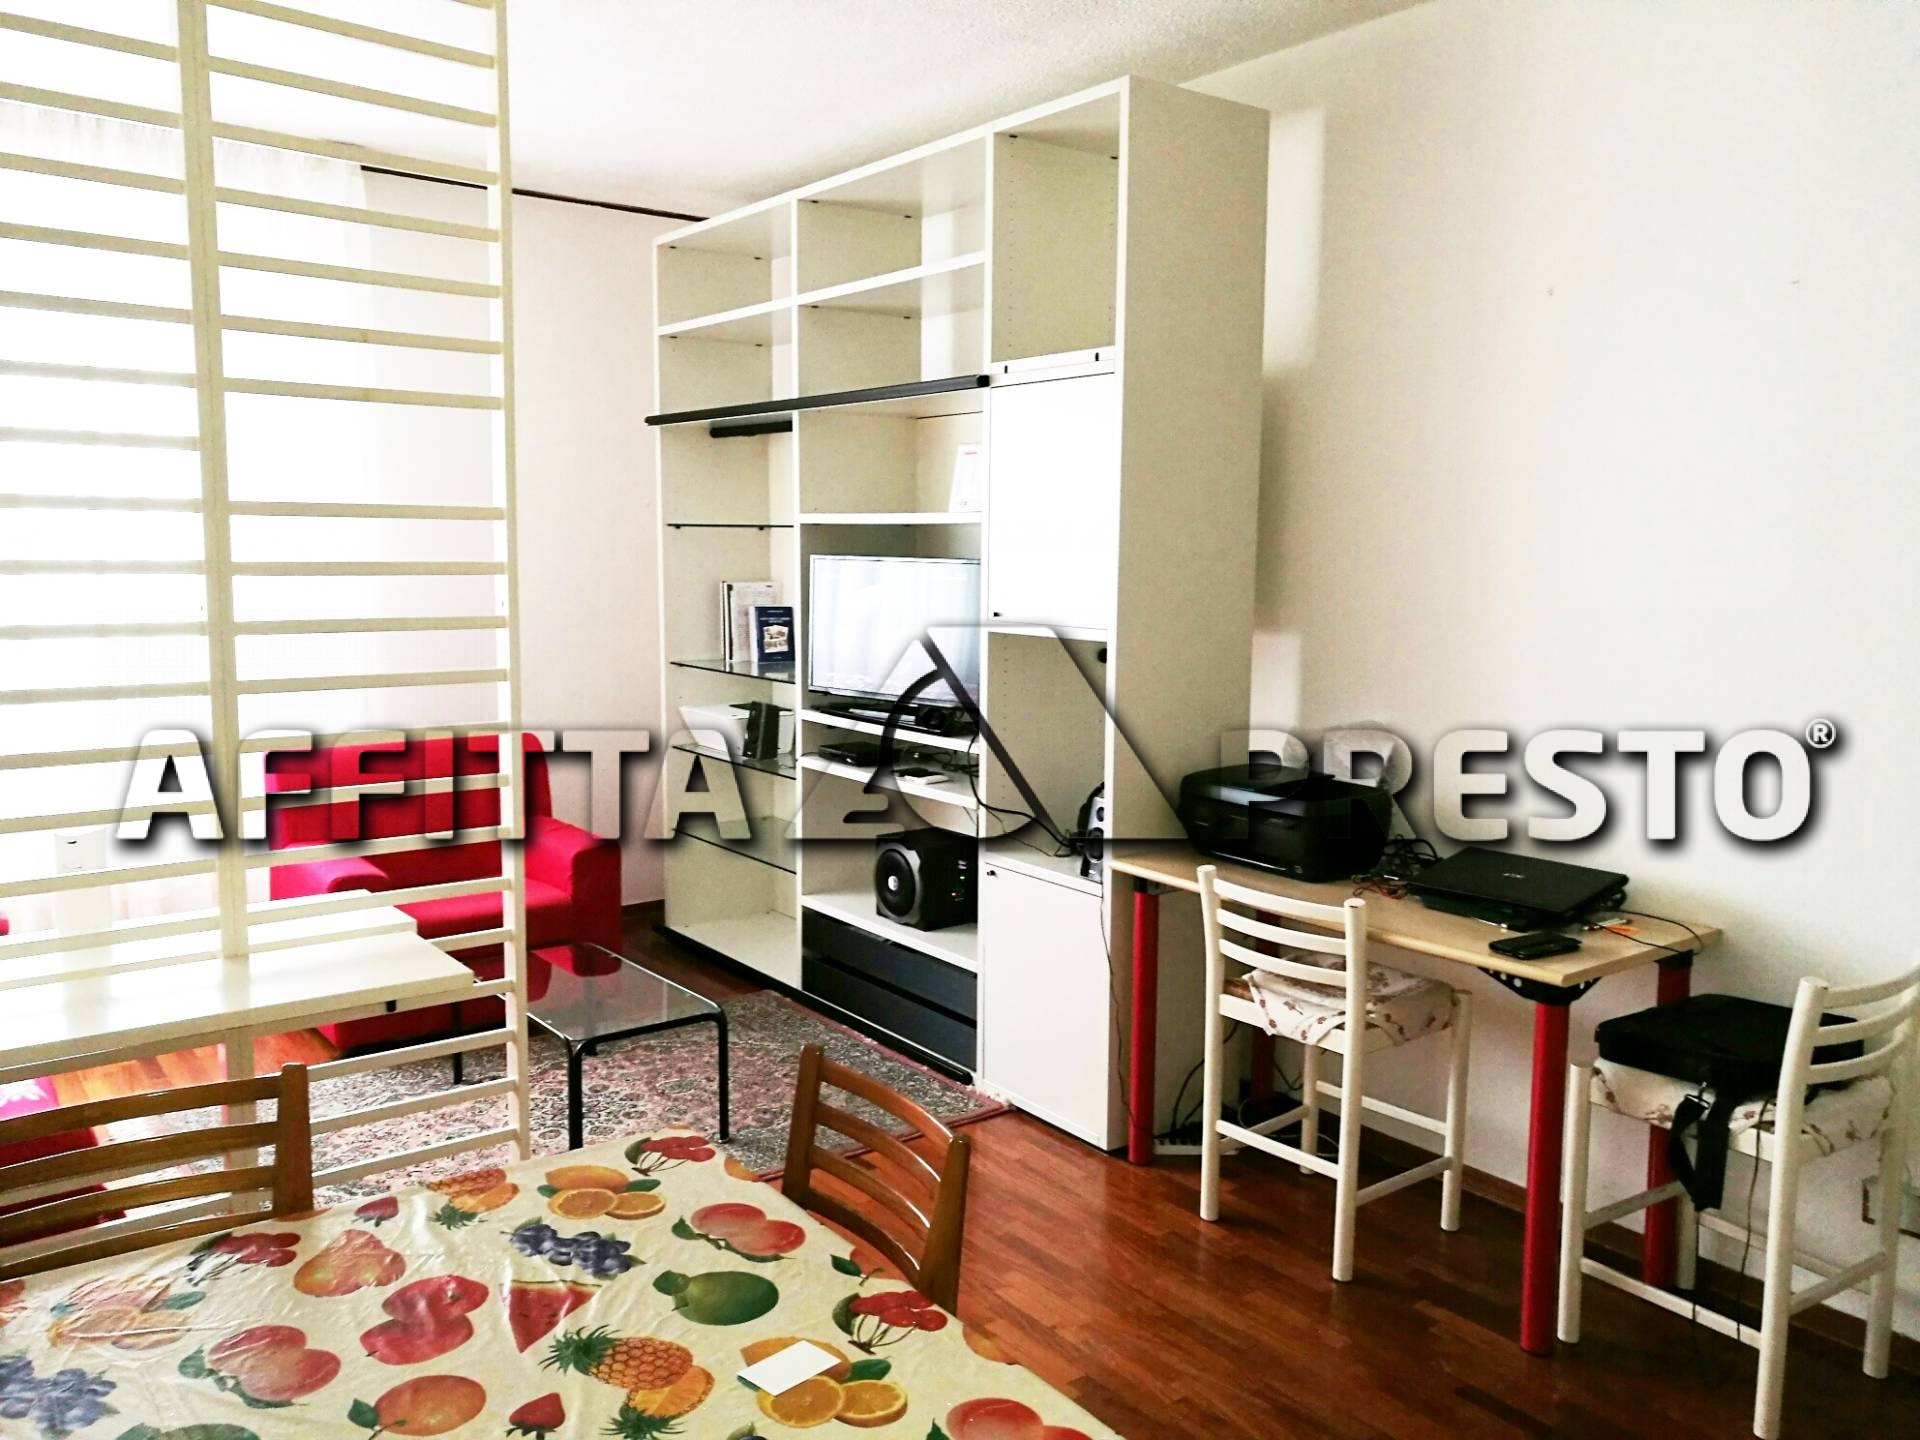 Appartamento in affitto a Ravenna, 2 locali, zona Località: Zalamella, prezzo € 480   CambioCasa.it